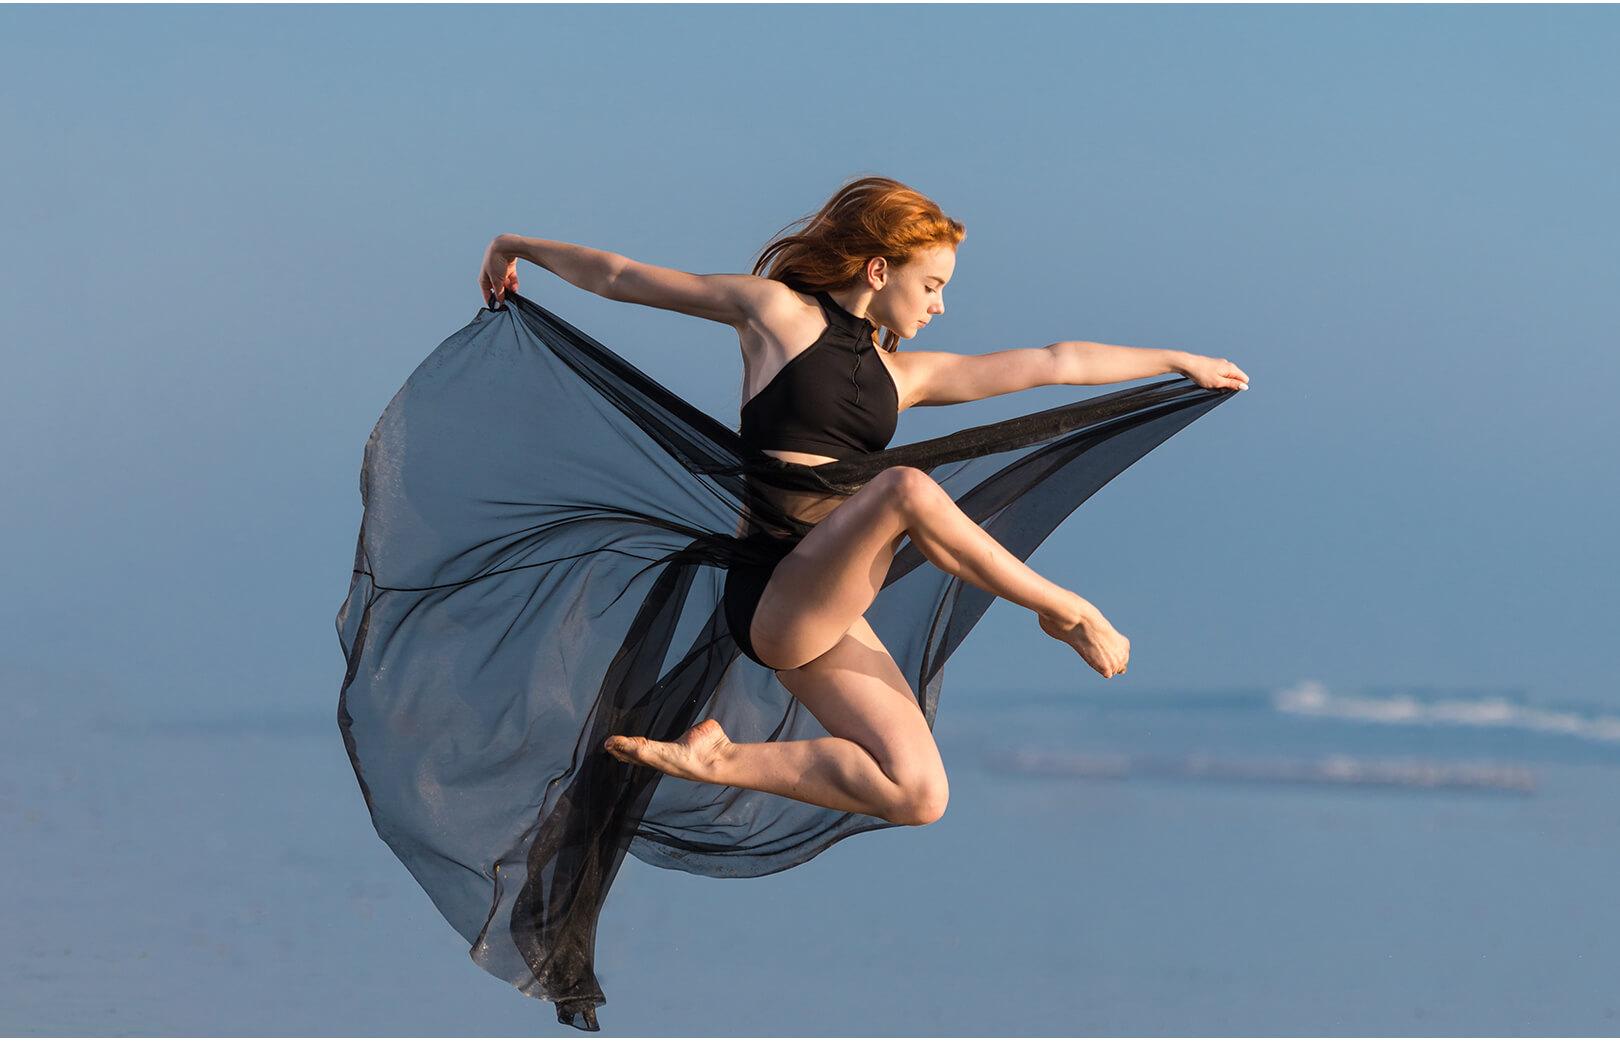 Danseuse s'envolant